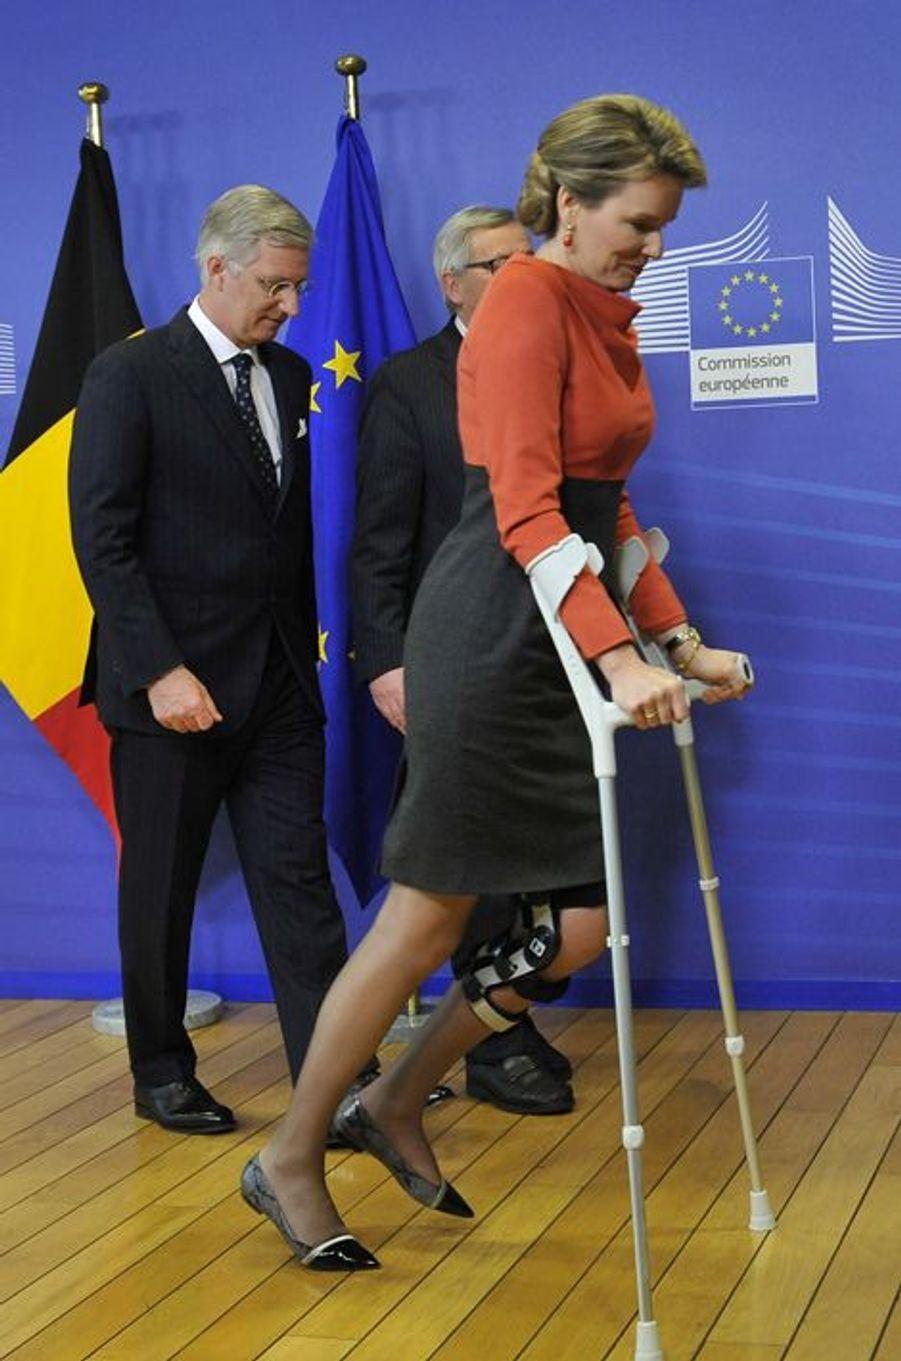 Le roi Philippe et la reine Mathilde de Belgique au Parlement européen à Bruxelles, le 25 février 2015